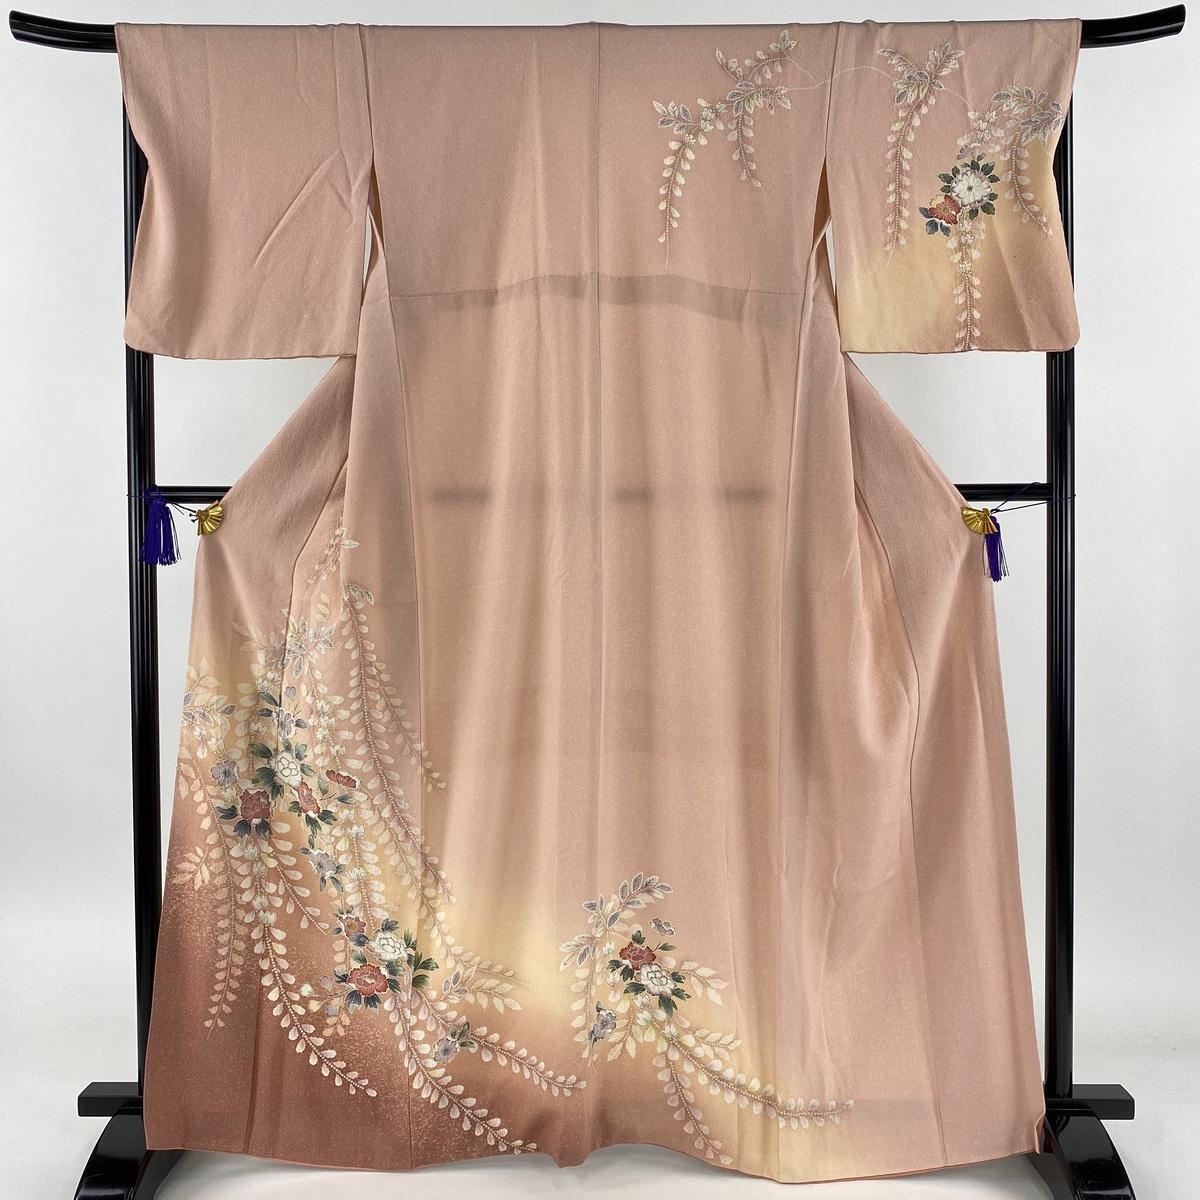 訪問着 美品 秀品 辻が花柄 絞り 染め分け ピンク 袷 身丈165cm 裄丈67.5cm L 正絹 【中古】